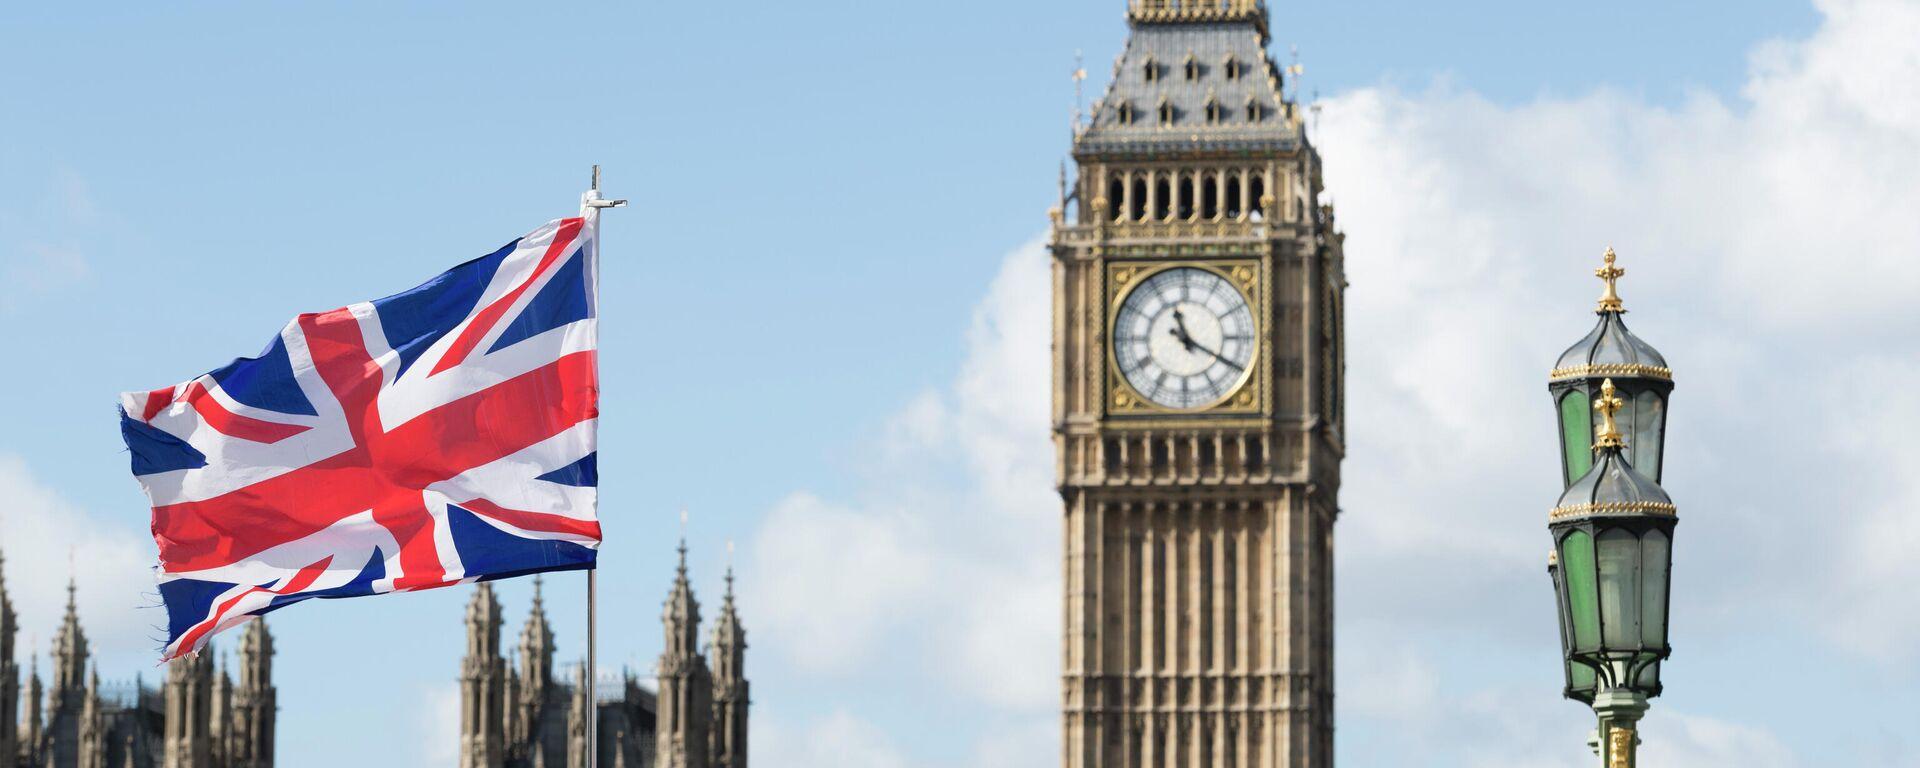 Флаг Великобритании - Sputnik Таджикистан, 1920, 02.09.2021